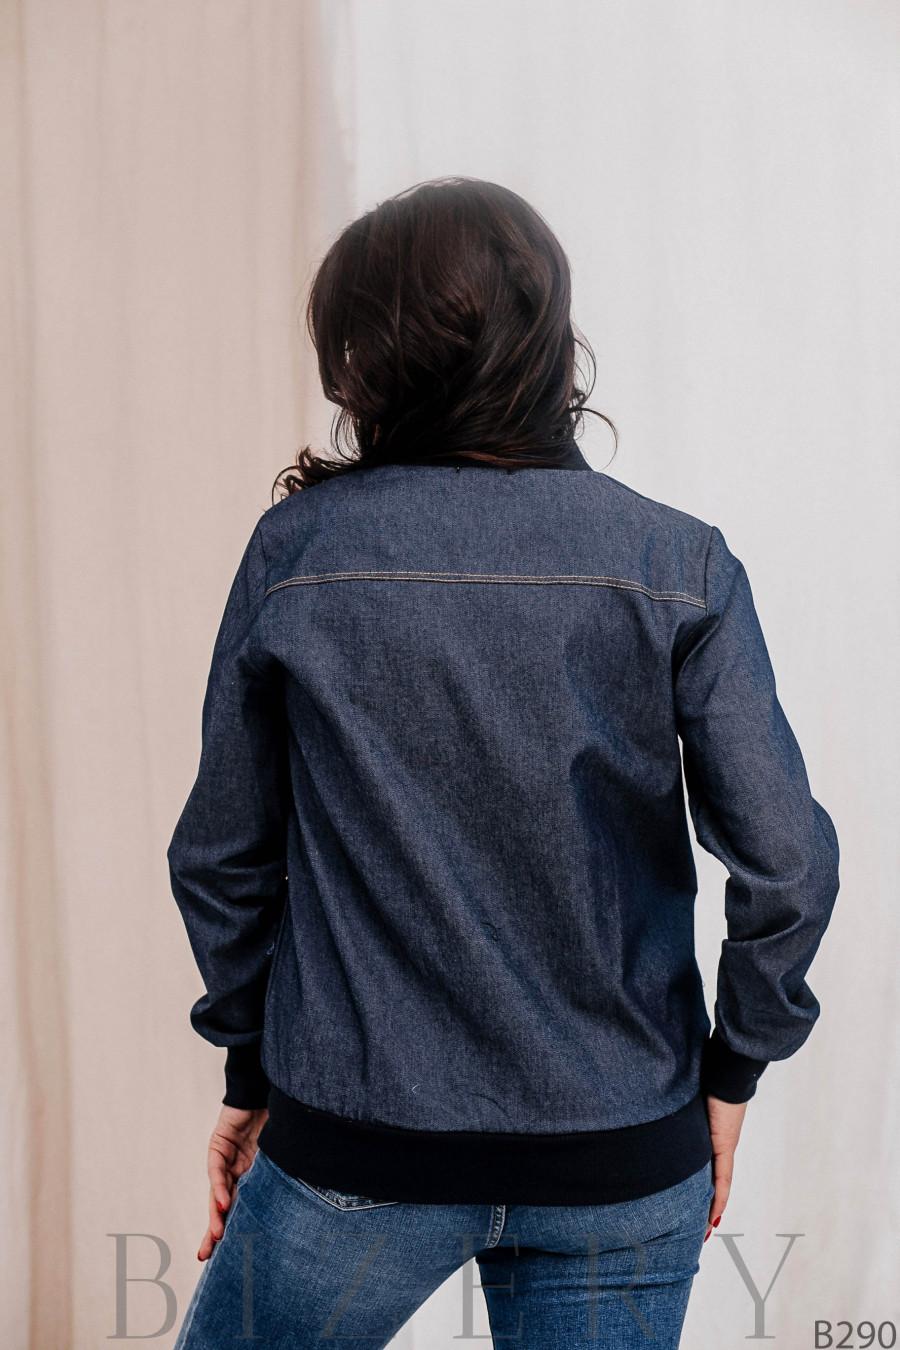 Лёгкий бомбер из тёмного джинса большого размера В290